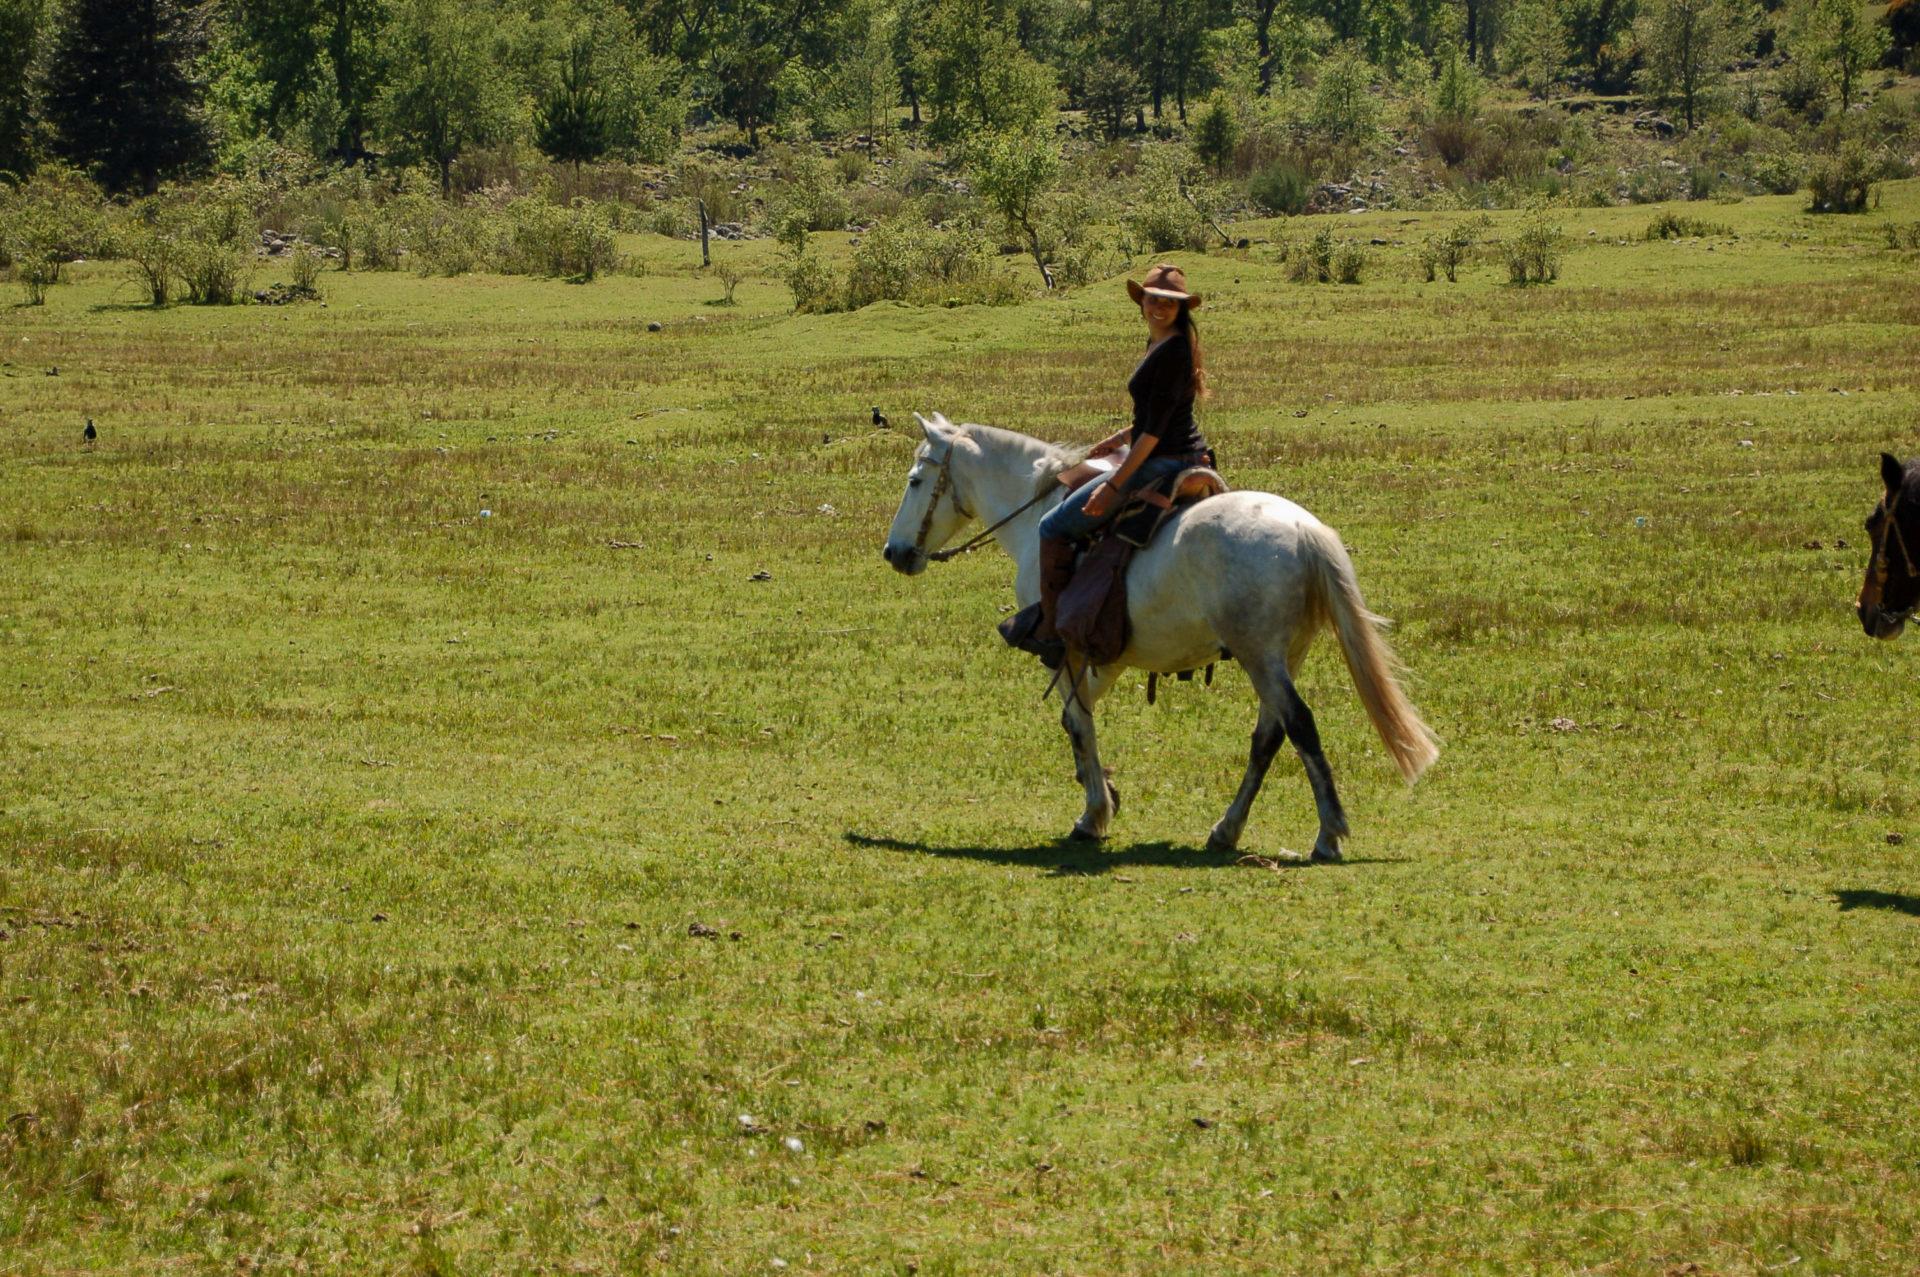 Cowgirl Gabriella mit Hut auf einem Schimmel in Chile